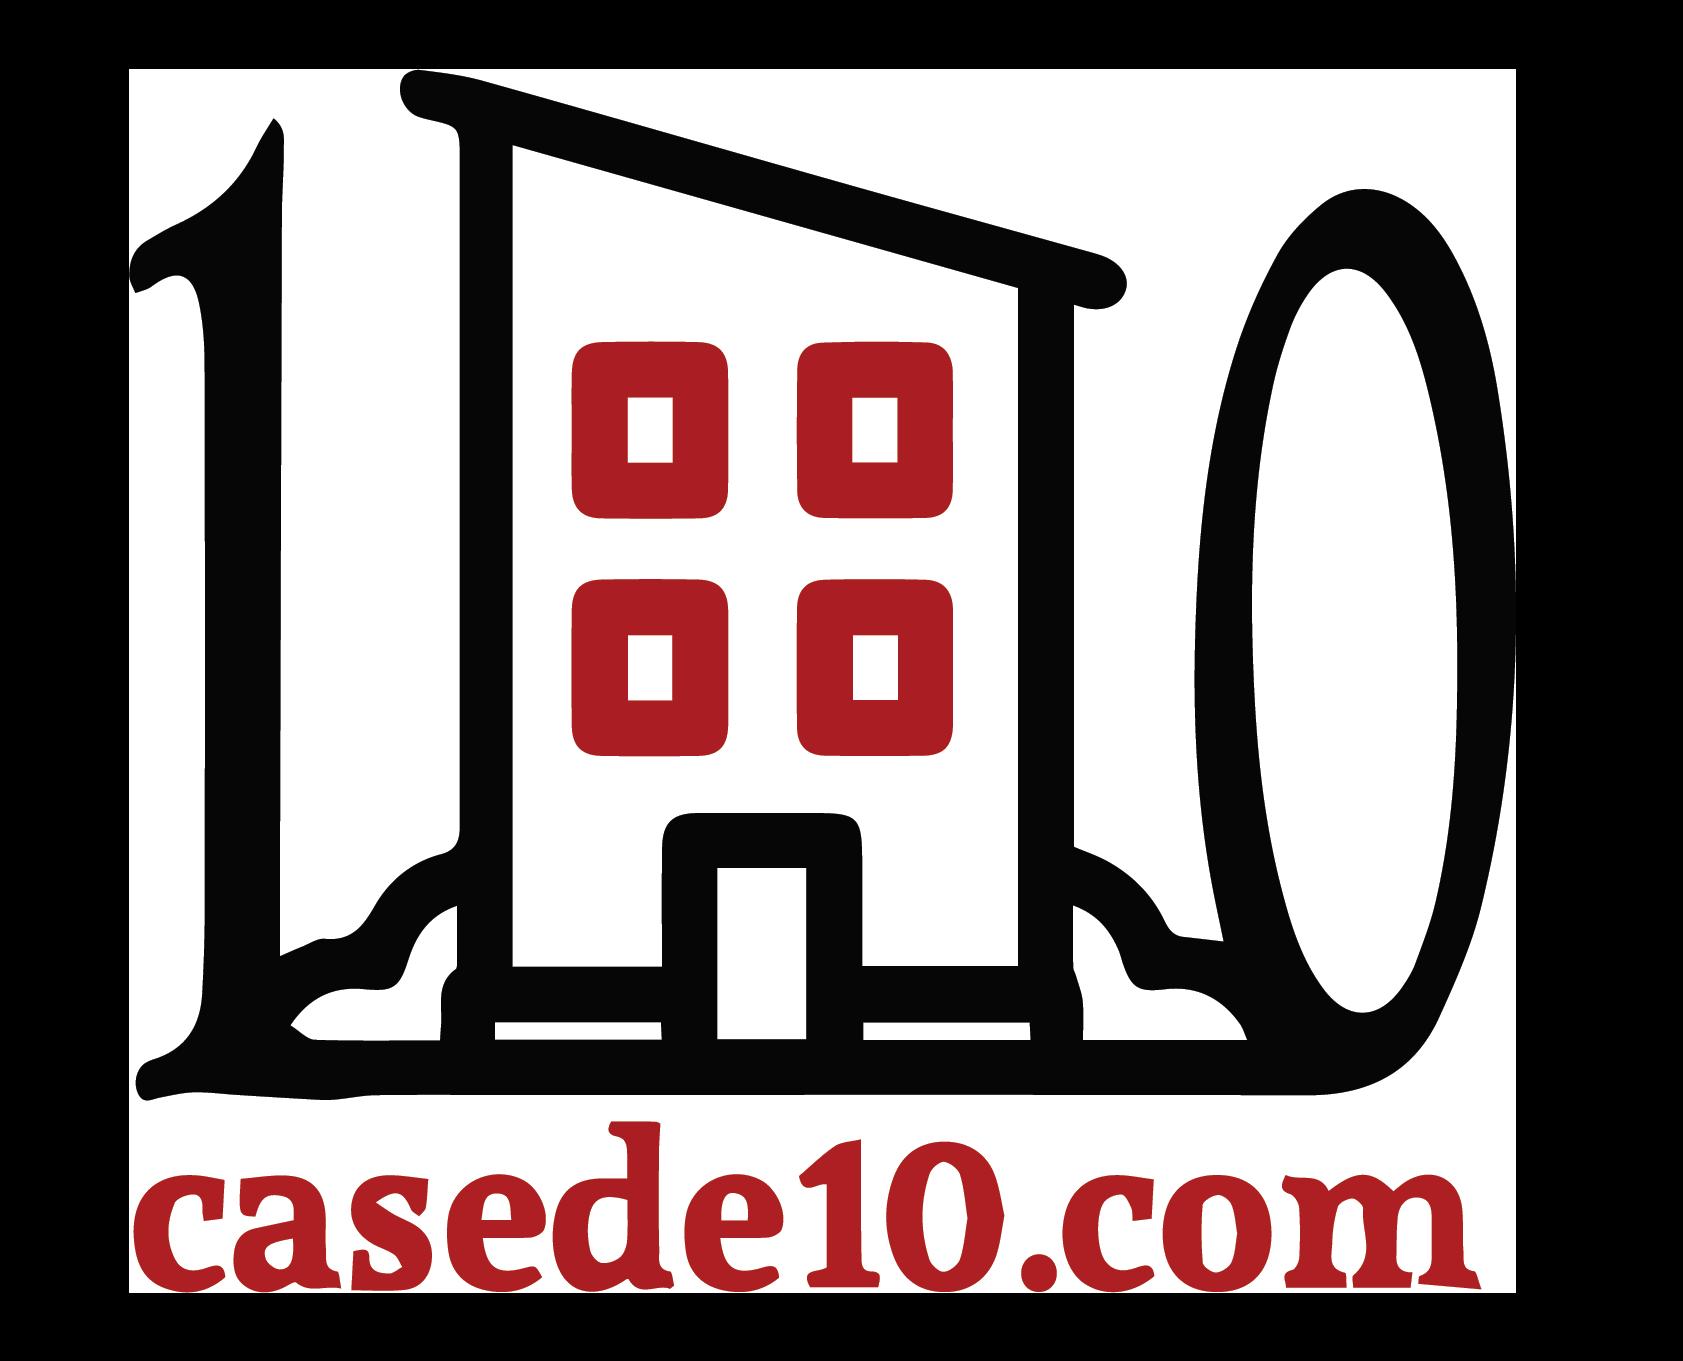 Casede10